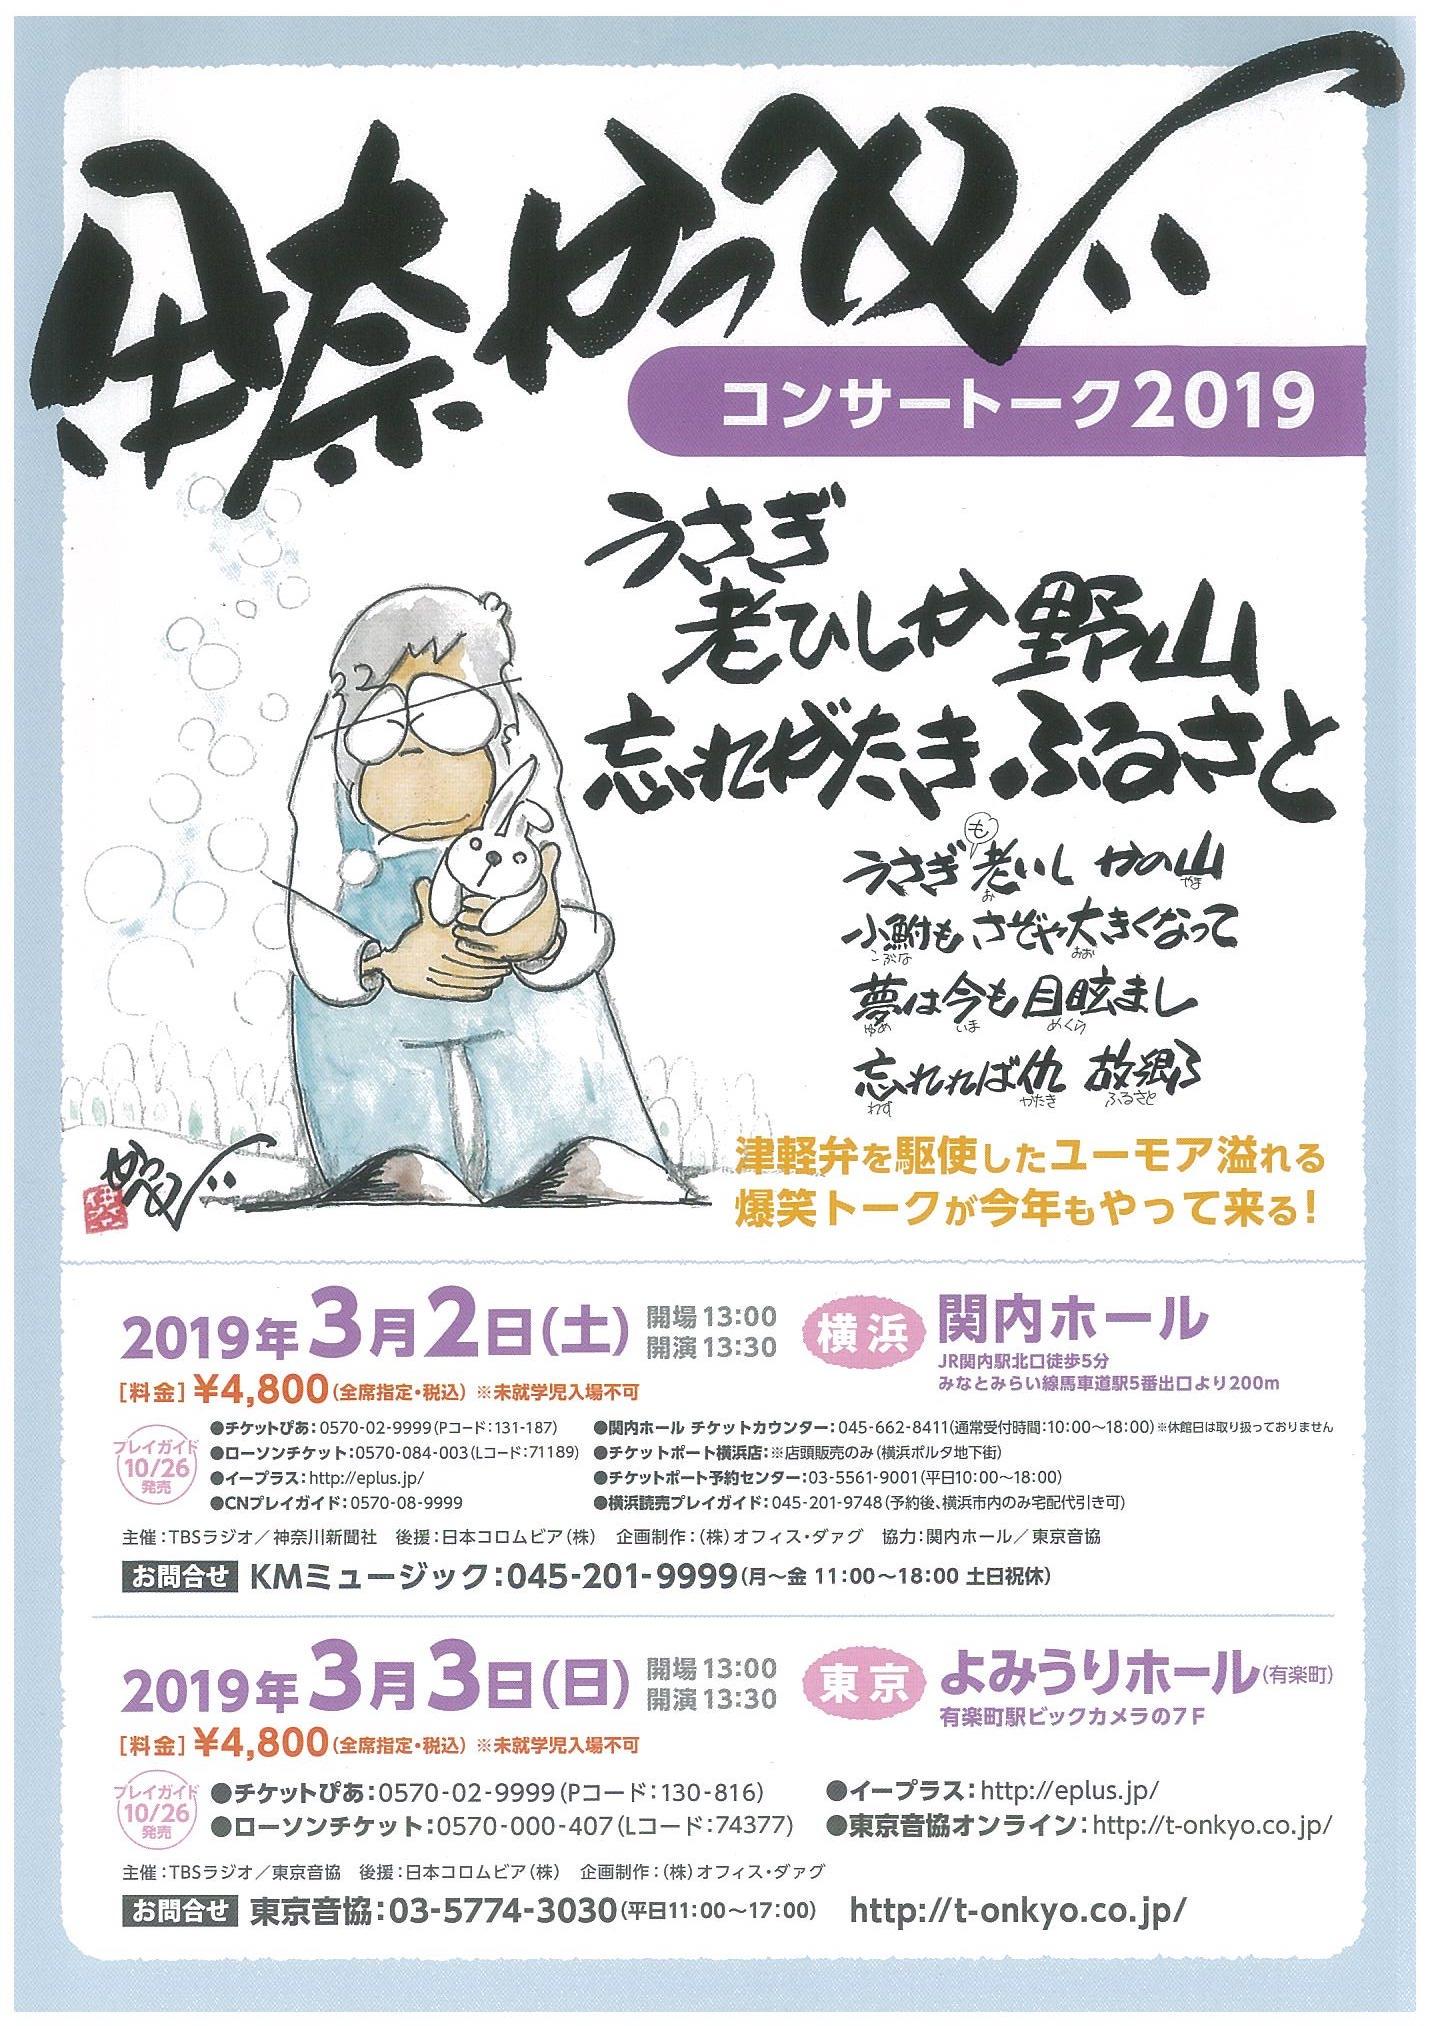 伊奈かっぺいコンサートーク2019 東京公演